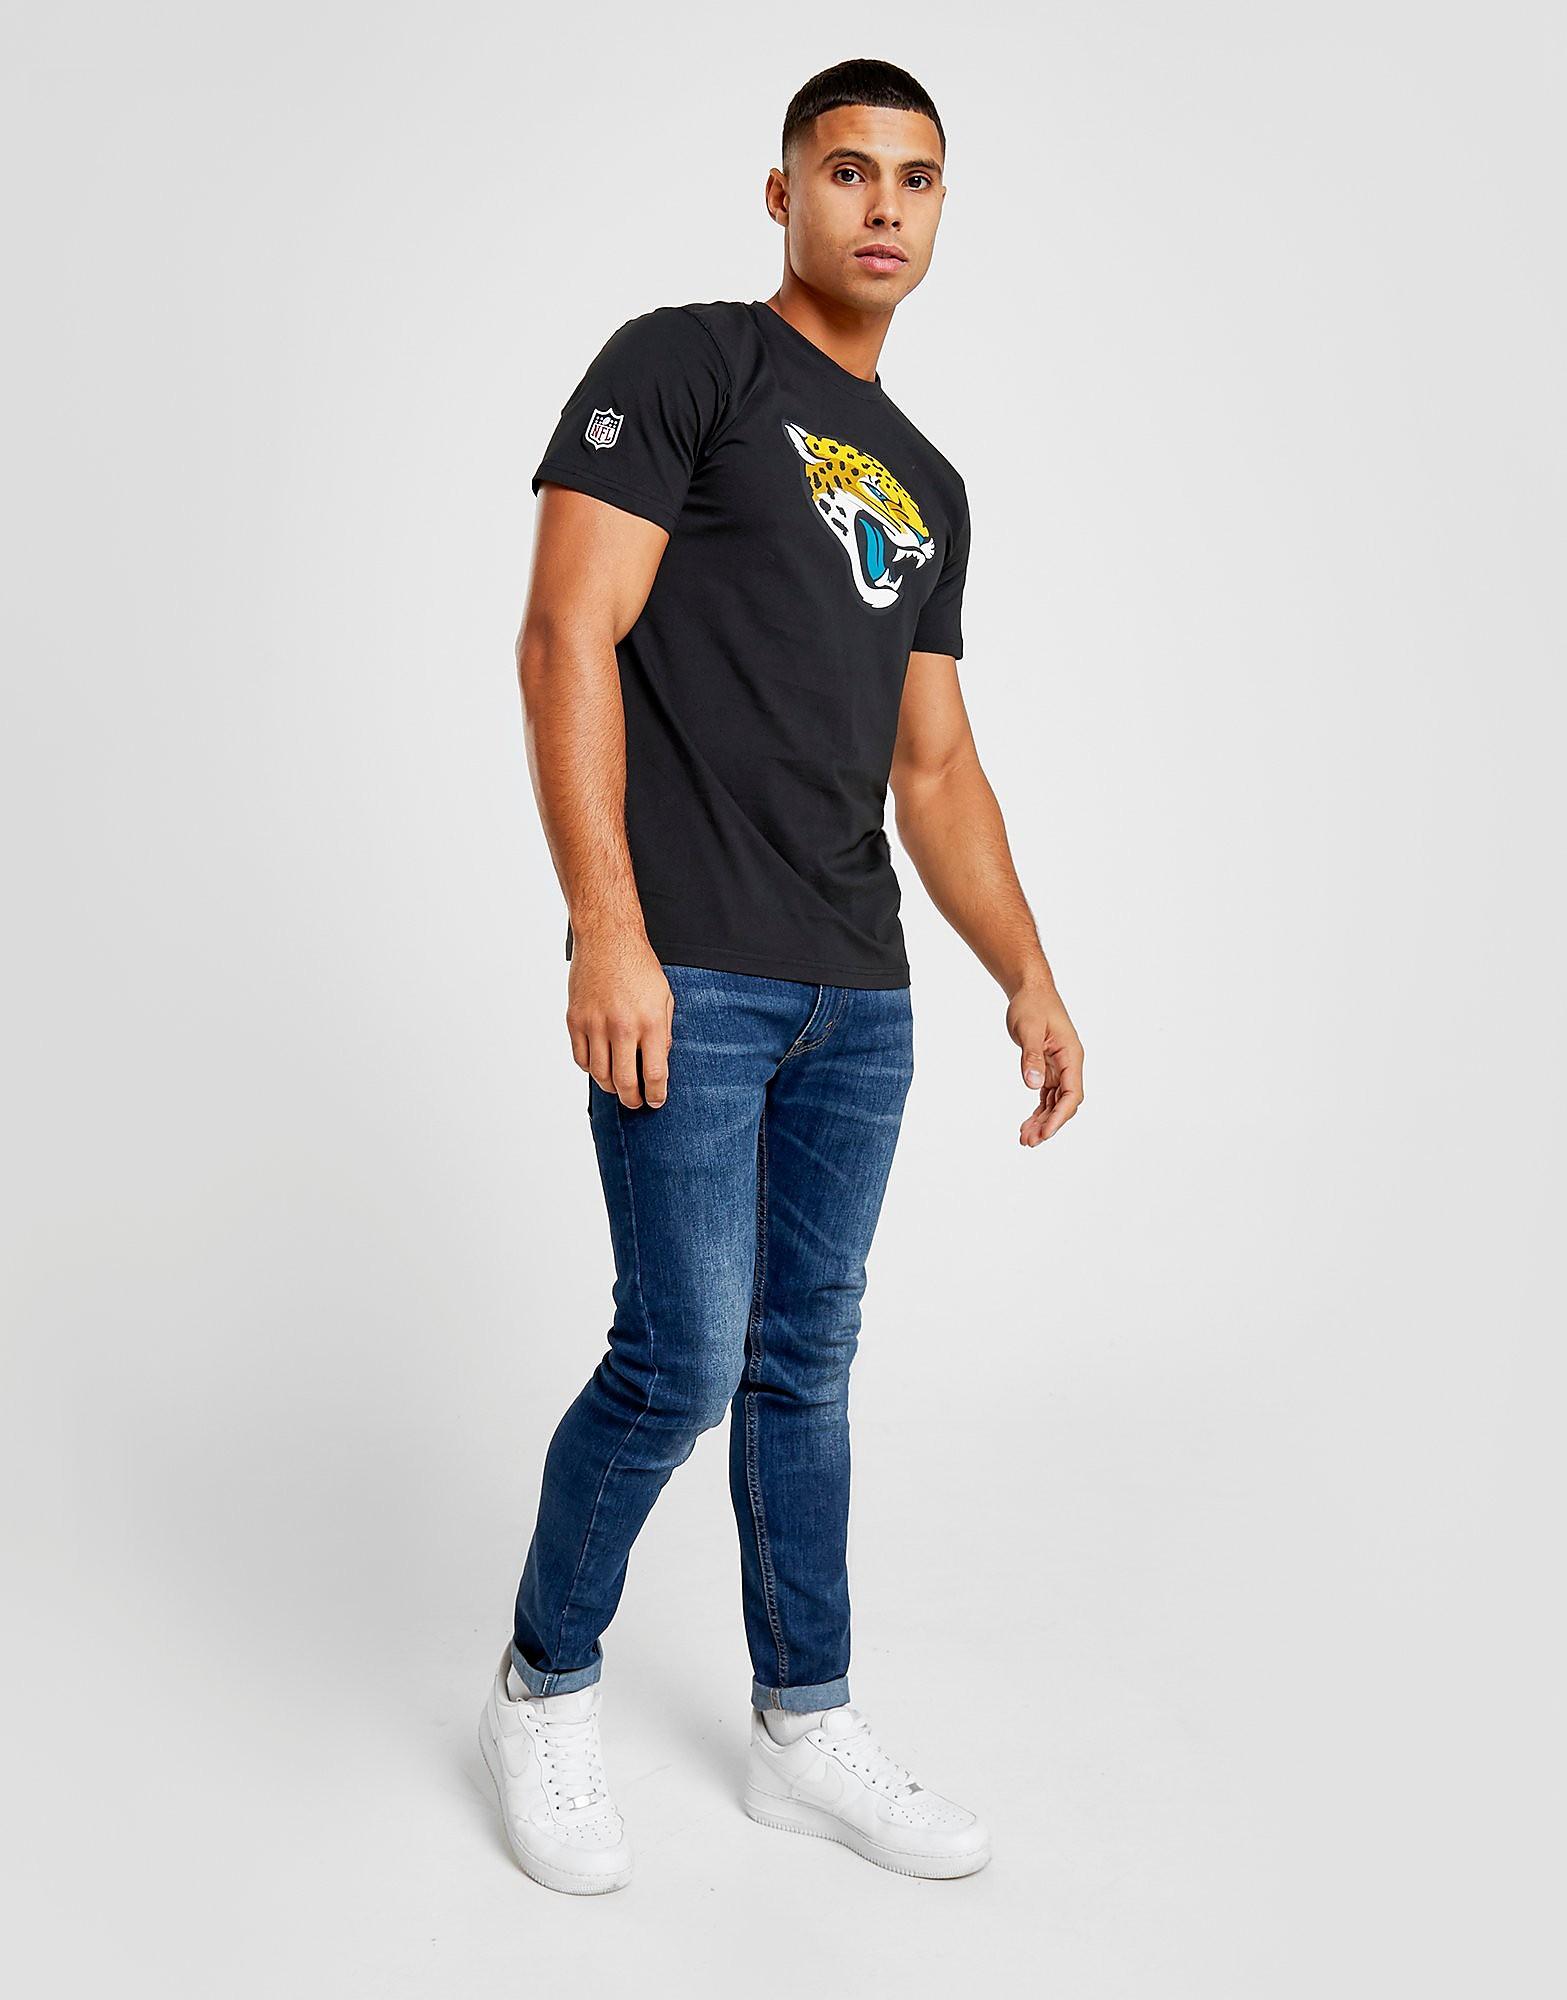 New Era Jacksonville Jaguars T-Shirt